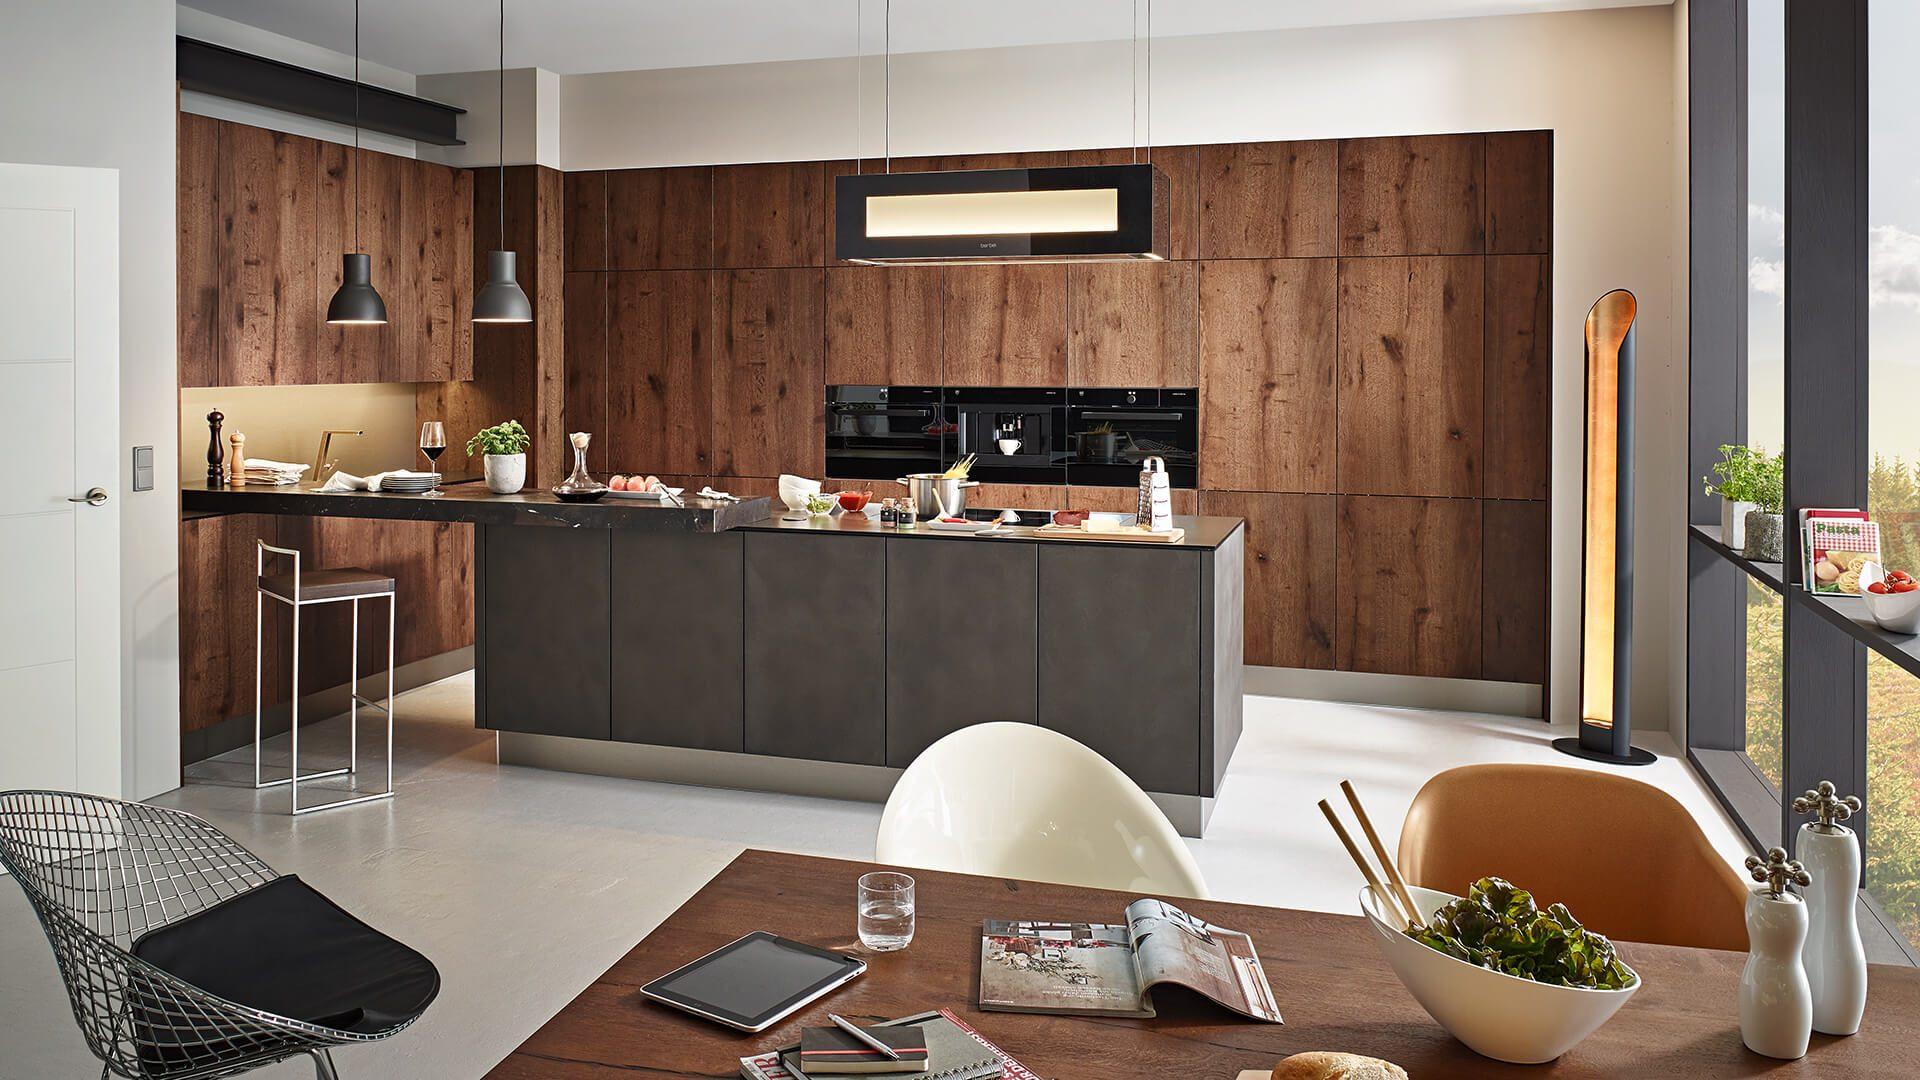 Budget Keuken Ridderkerk : Budget keuken